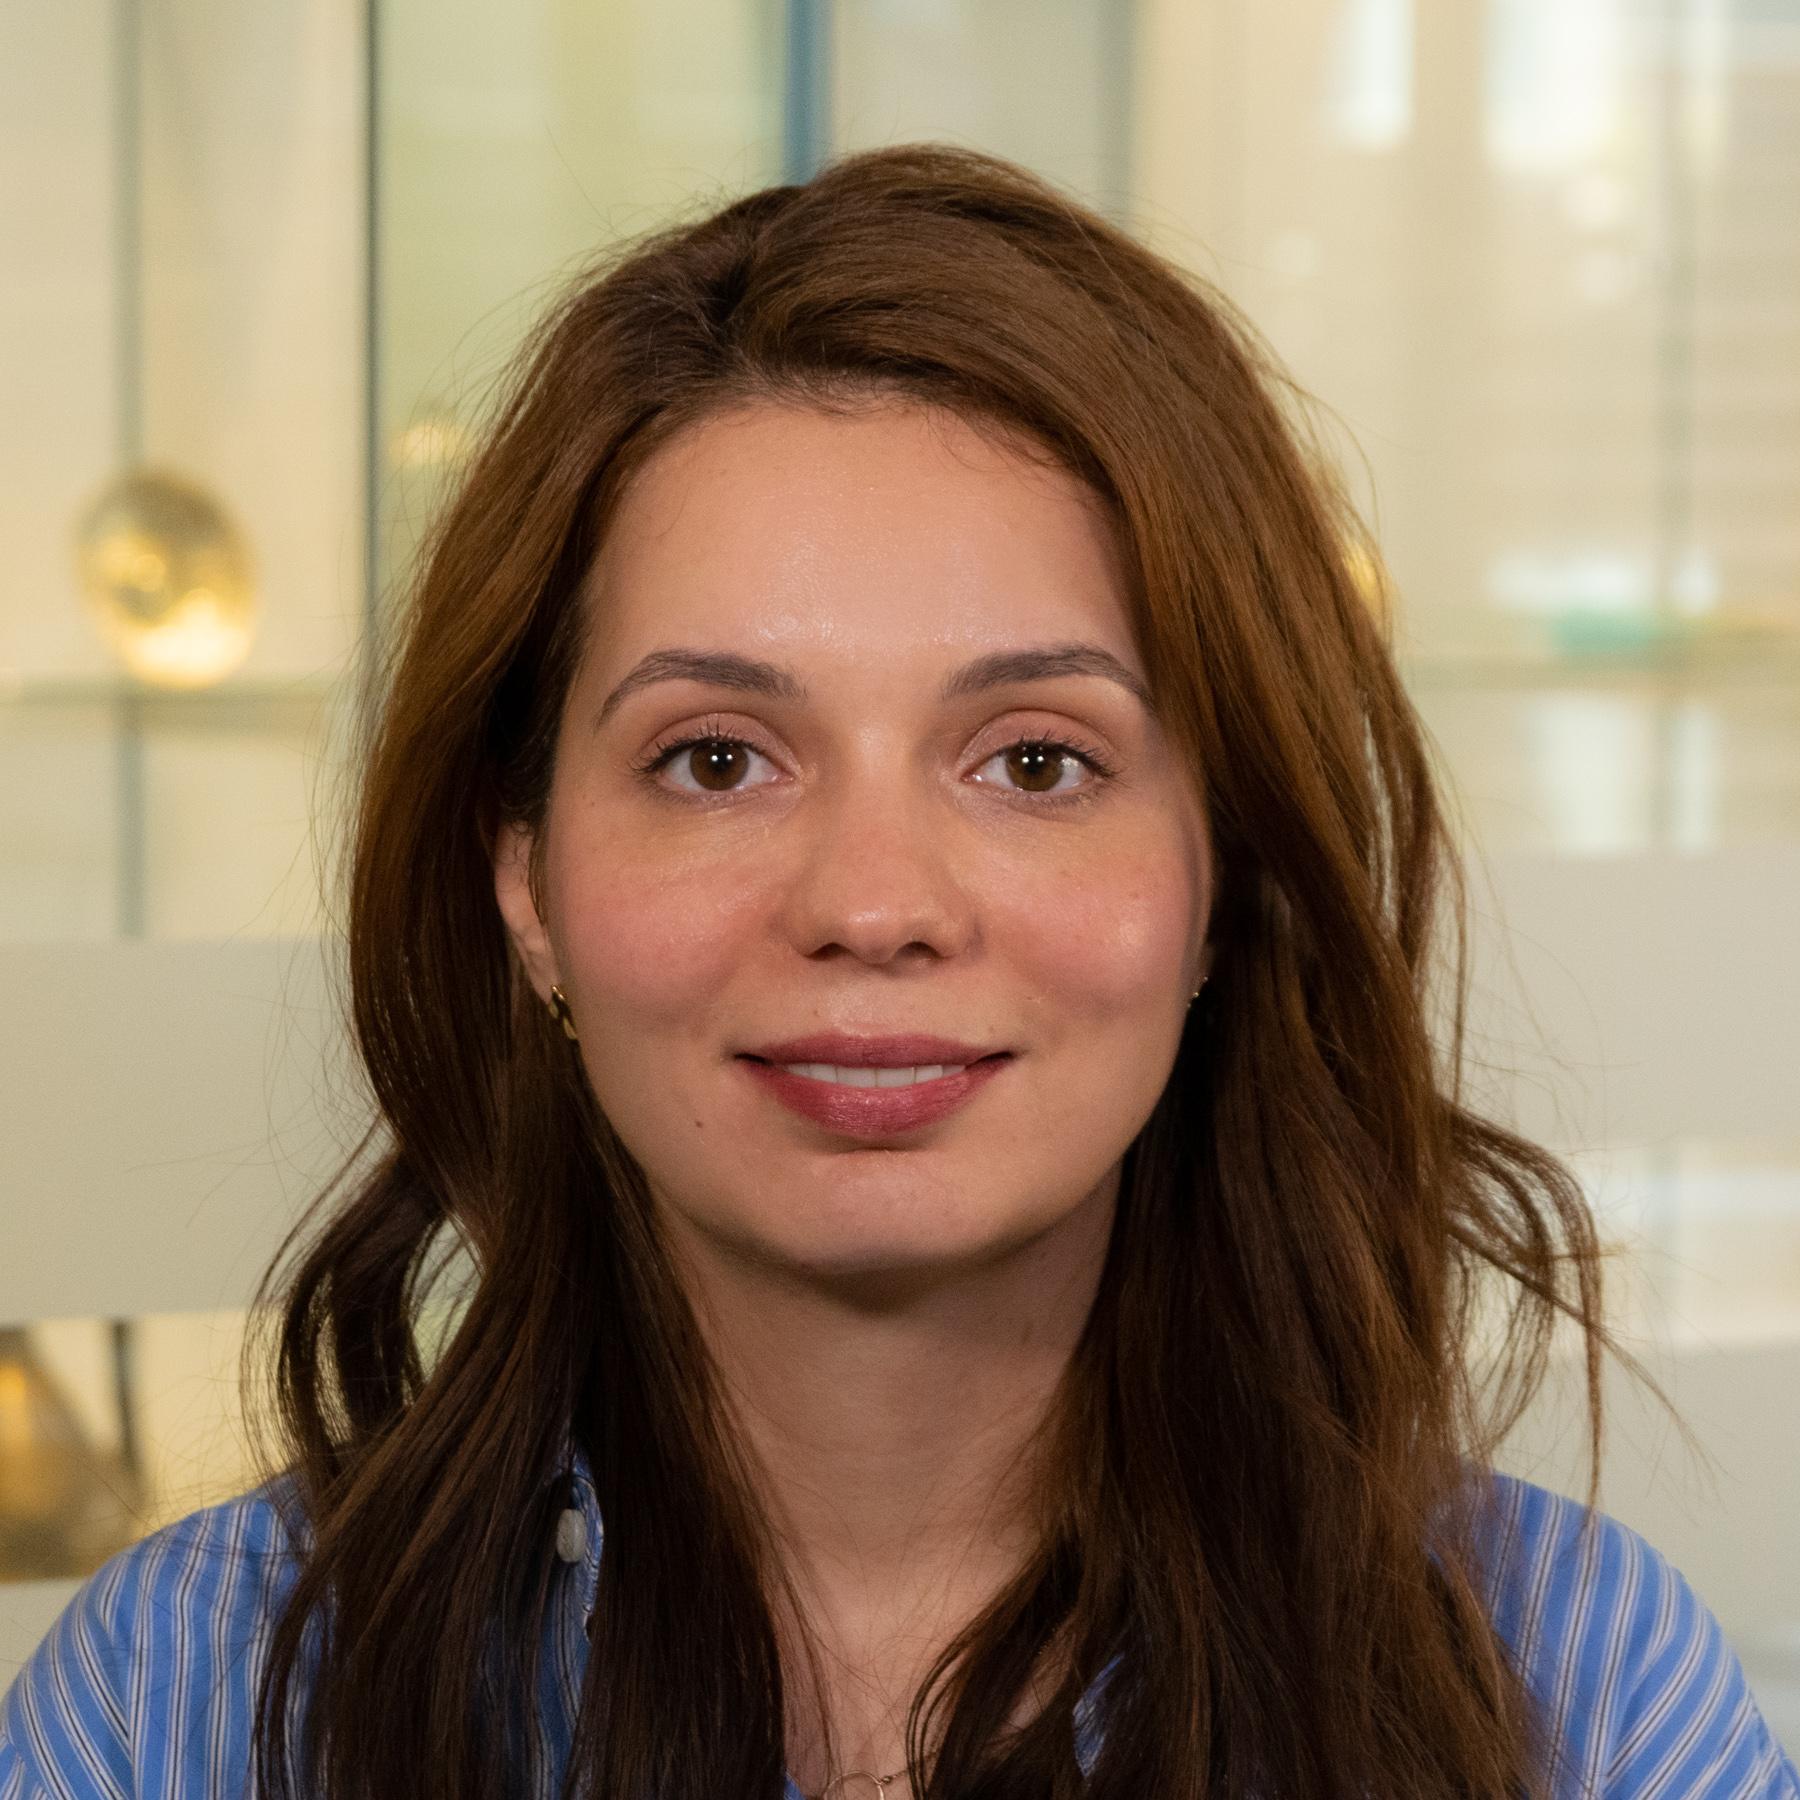 Iulia-Sabina Joja